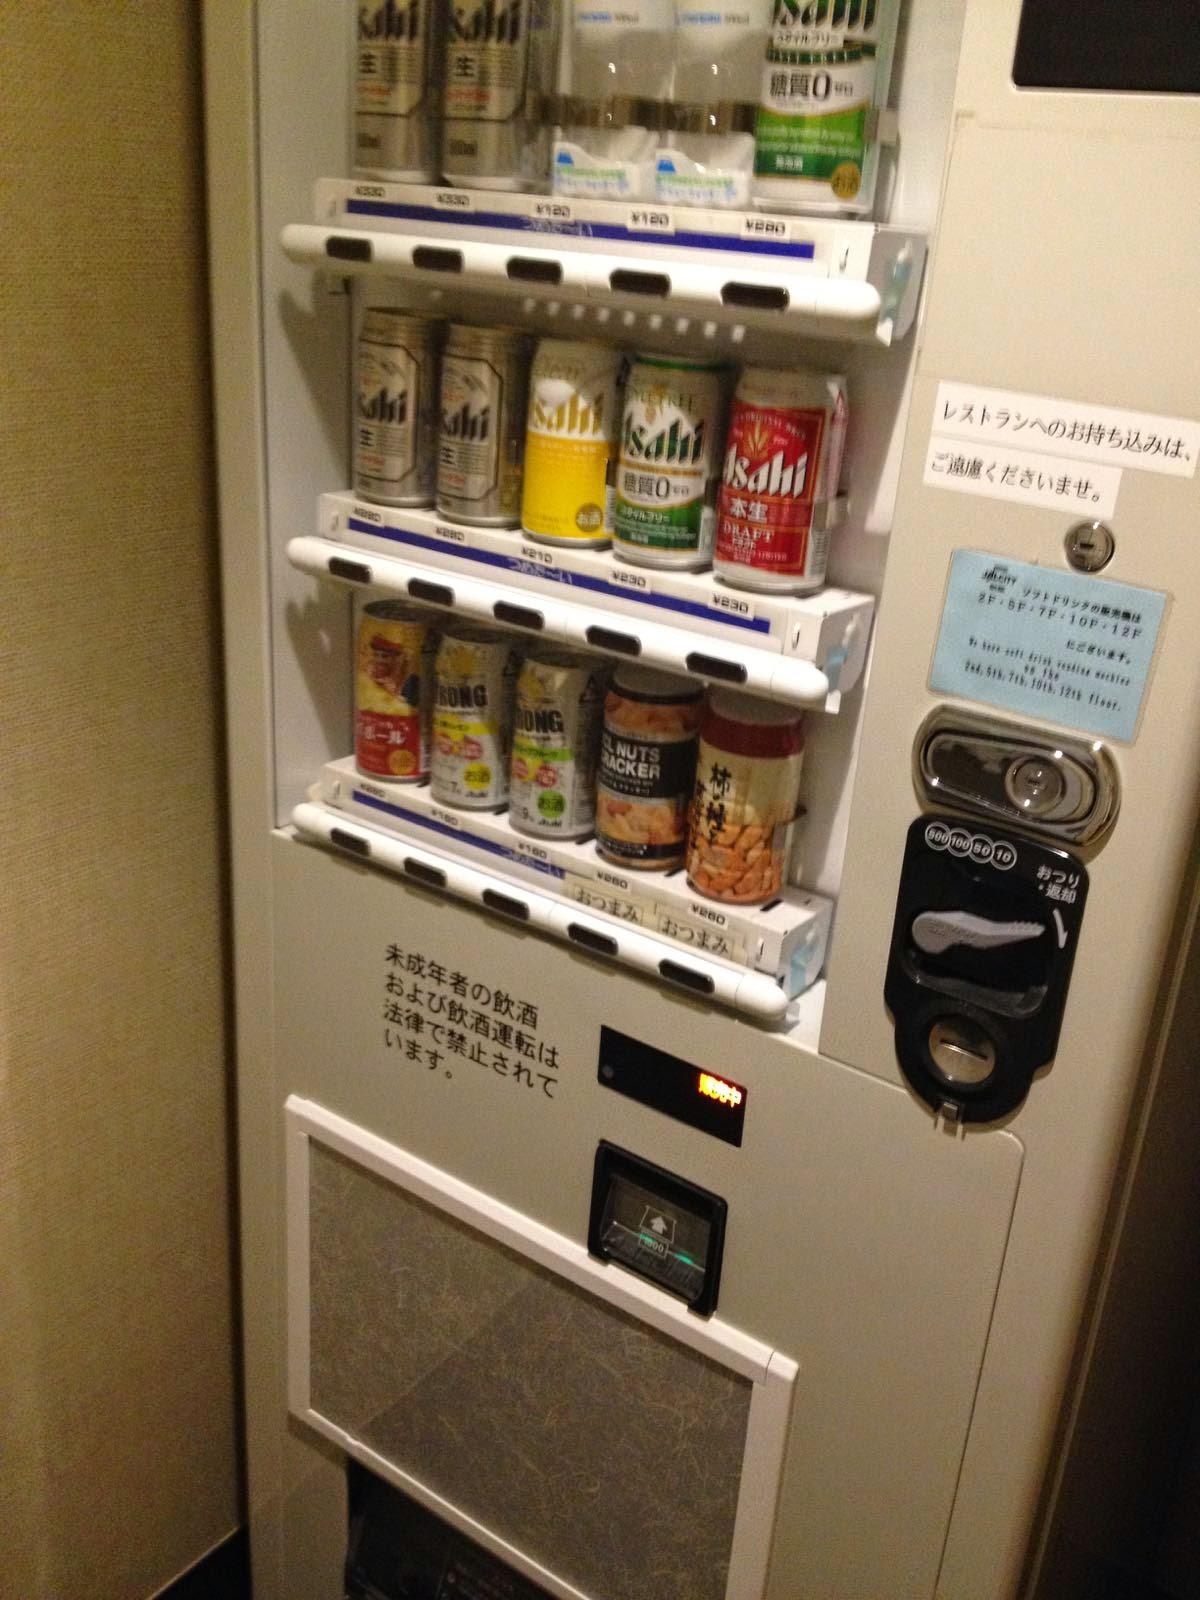 Beer vending machine in my hotel